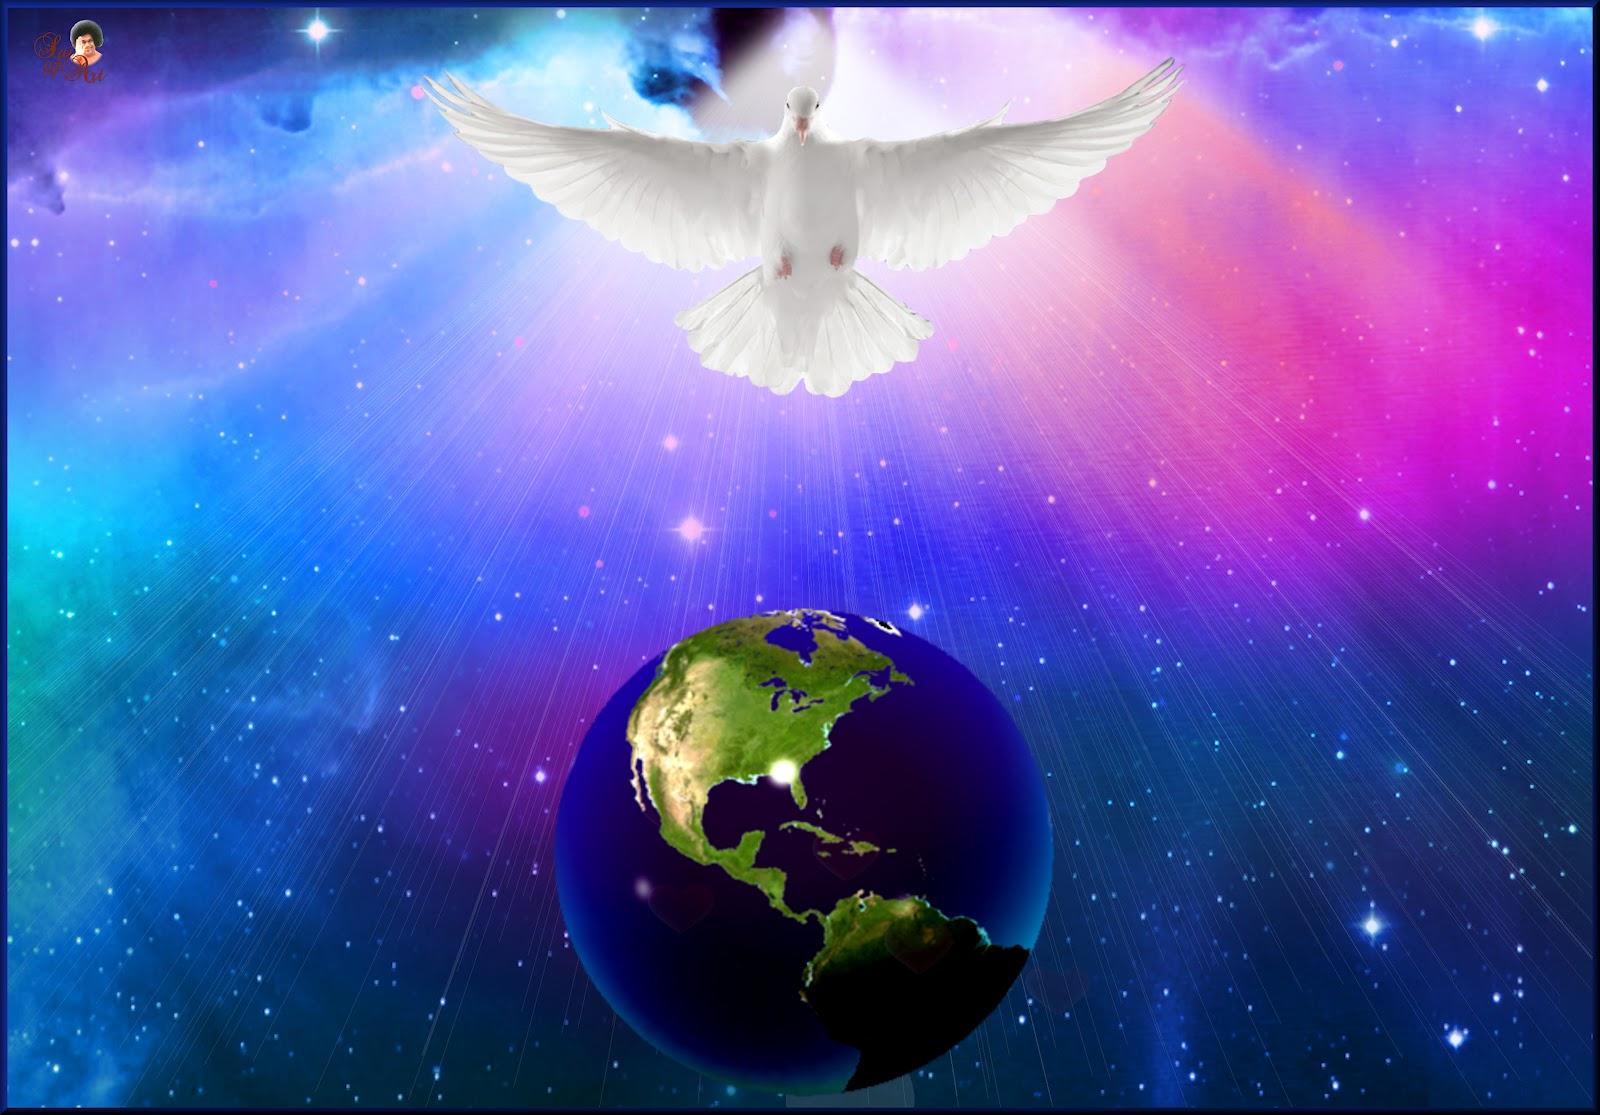 Sylvain Didelot Méditation – Canalisation pour la Paix, Musique de Claude Hernandez